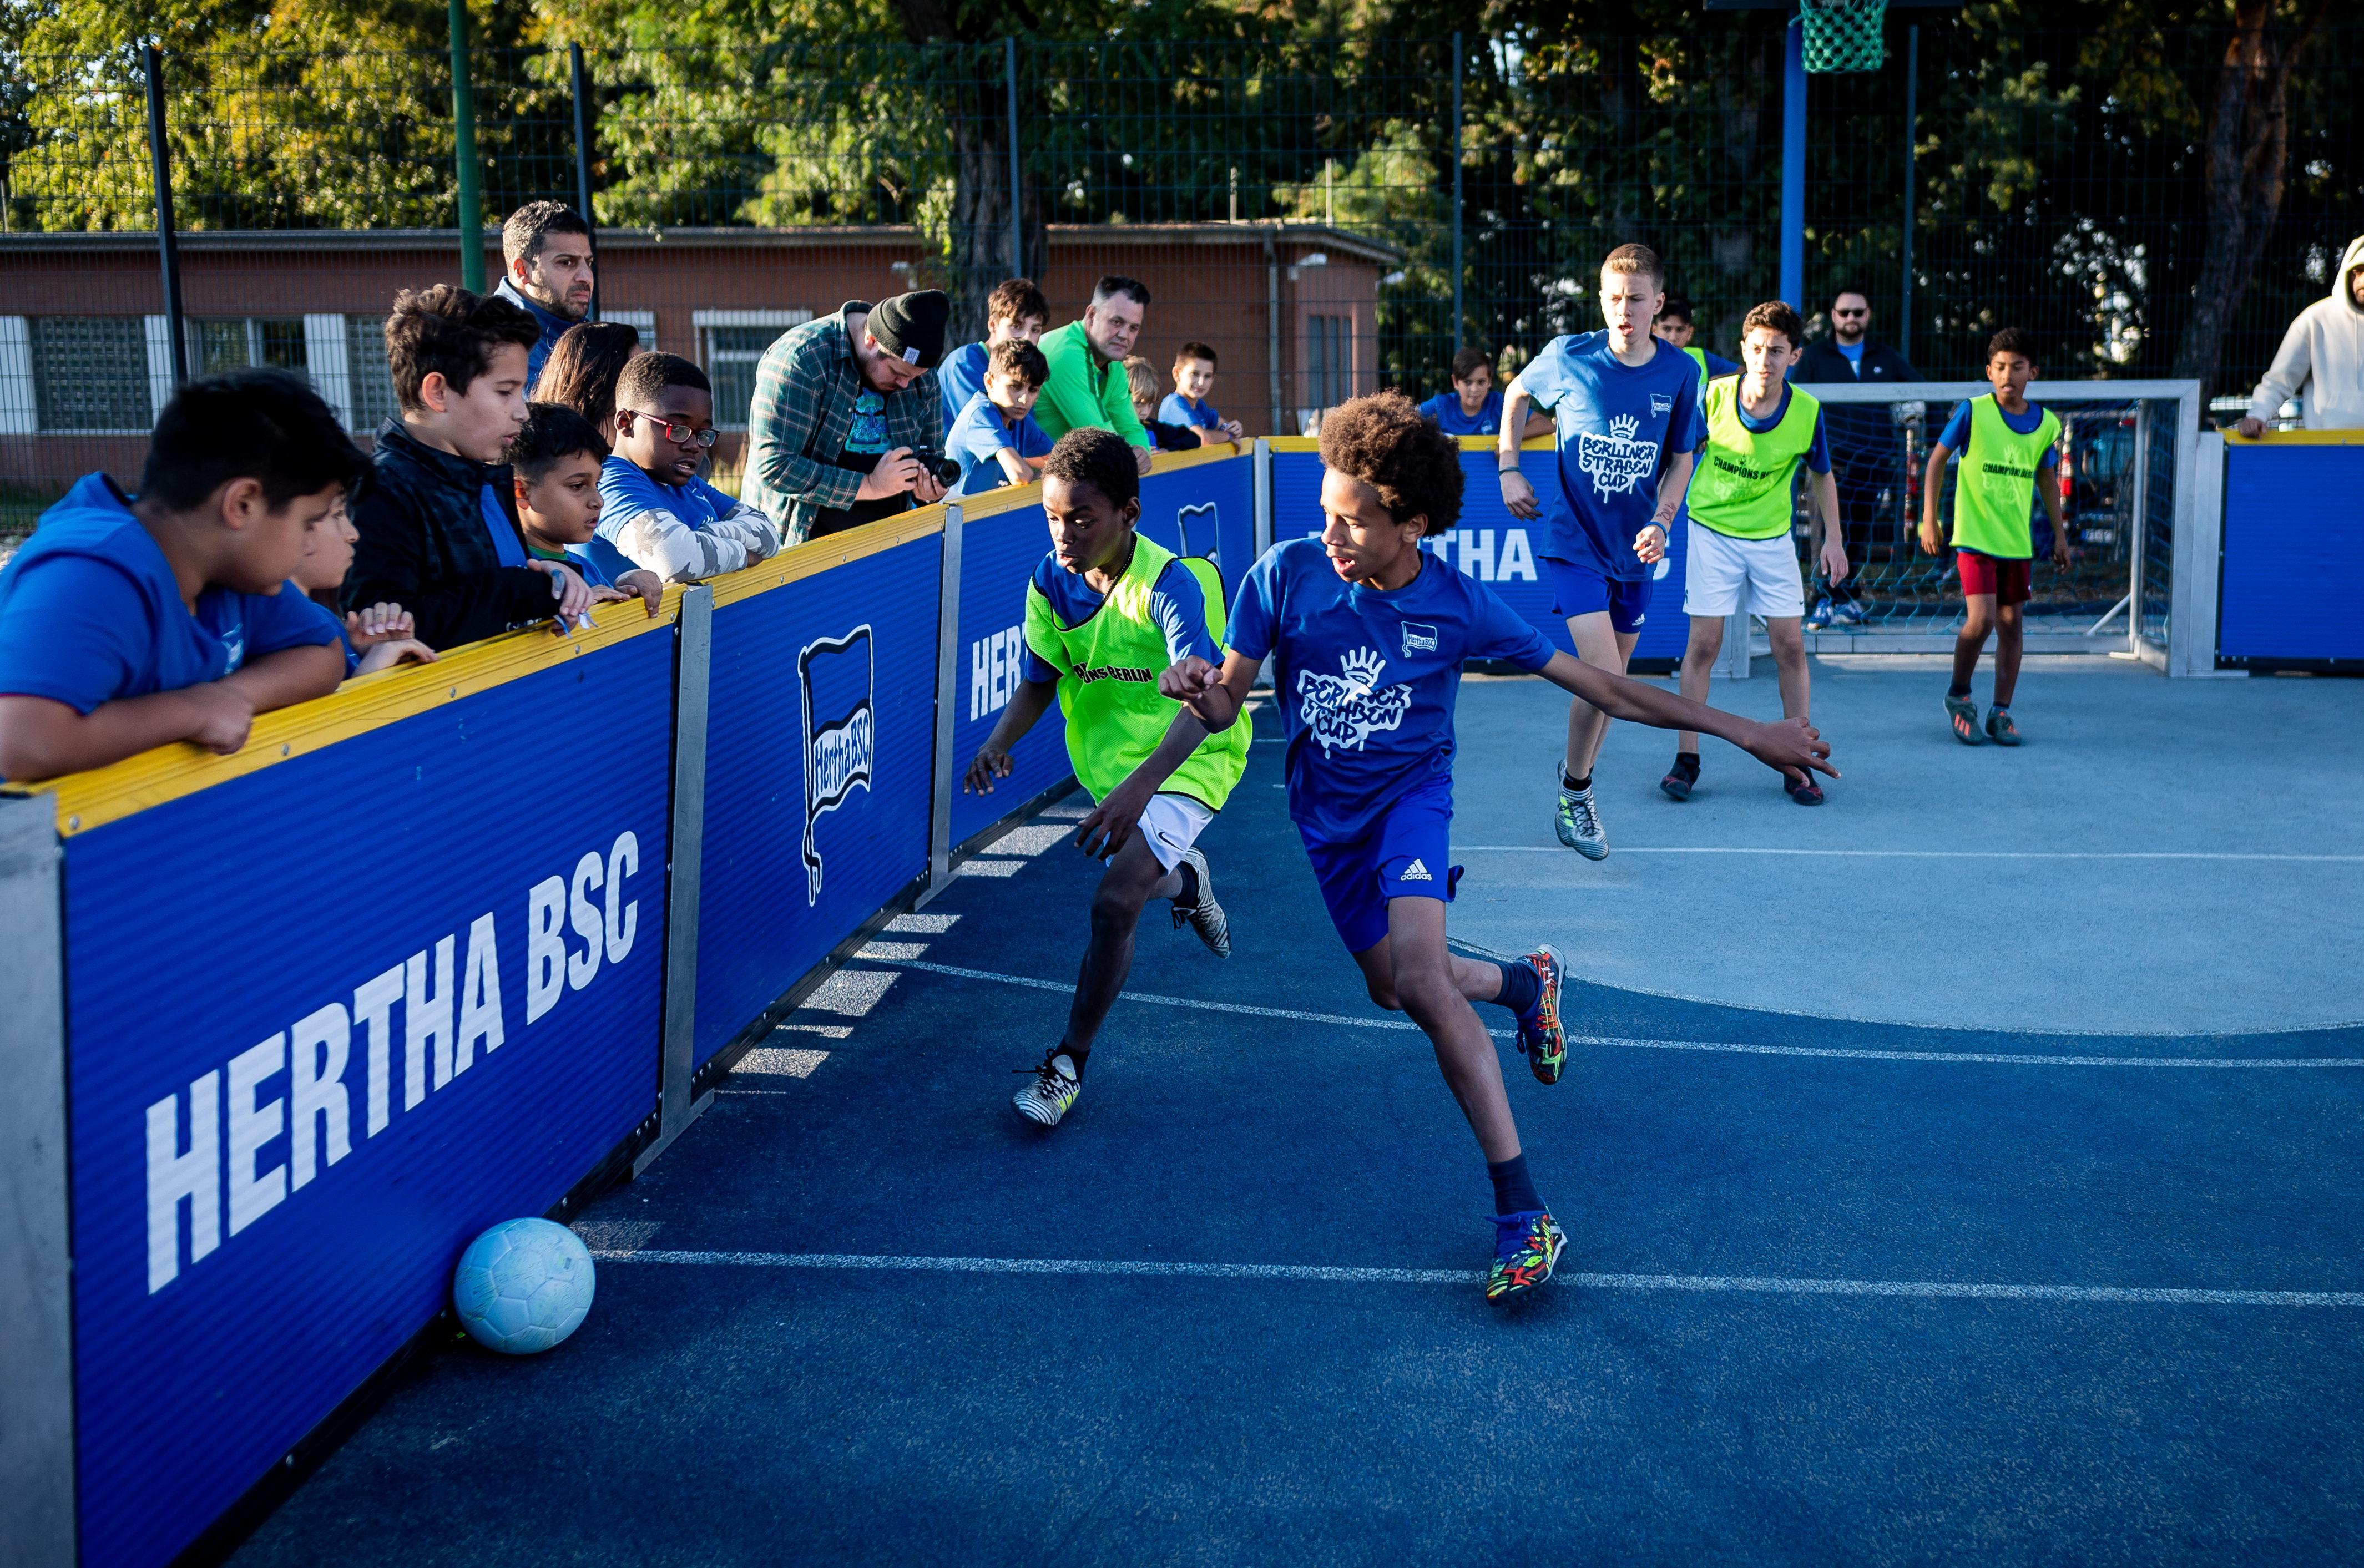 Zwei Jungen kämpfen um den Ball. Die Zuschauer fiebern beim Berliner Straßen Cup von der Bande aus mit.